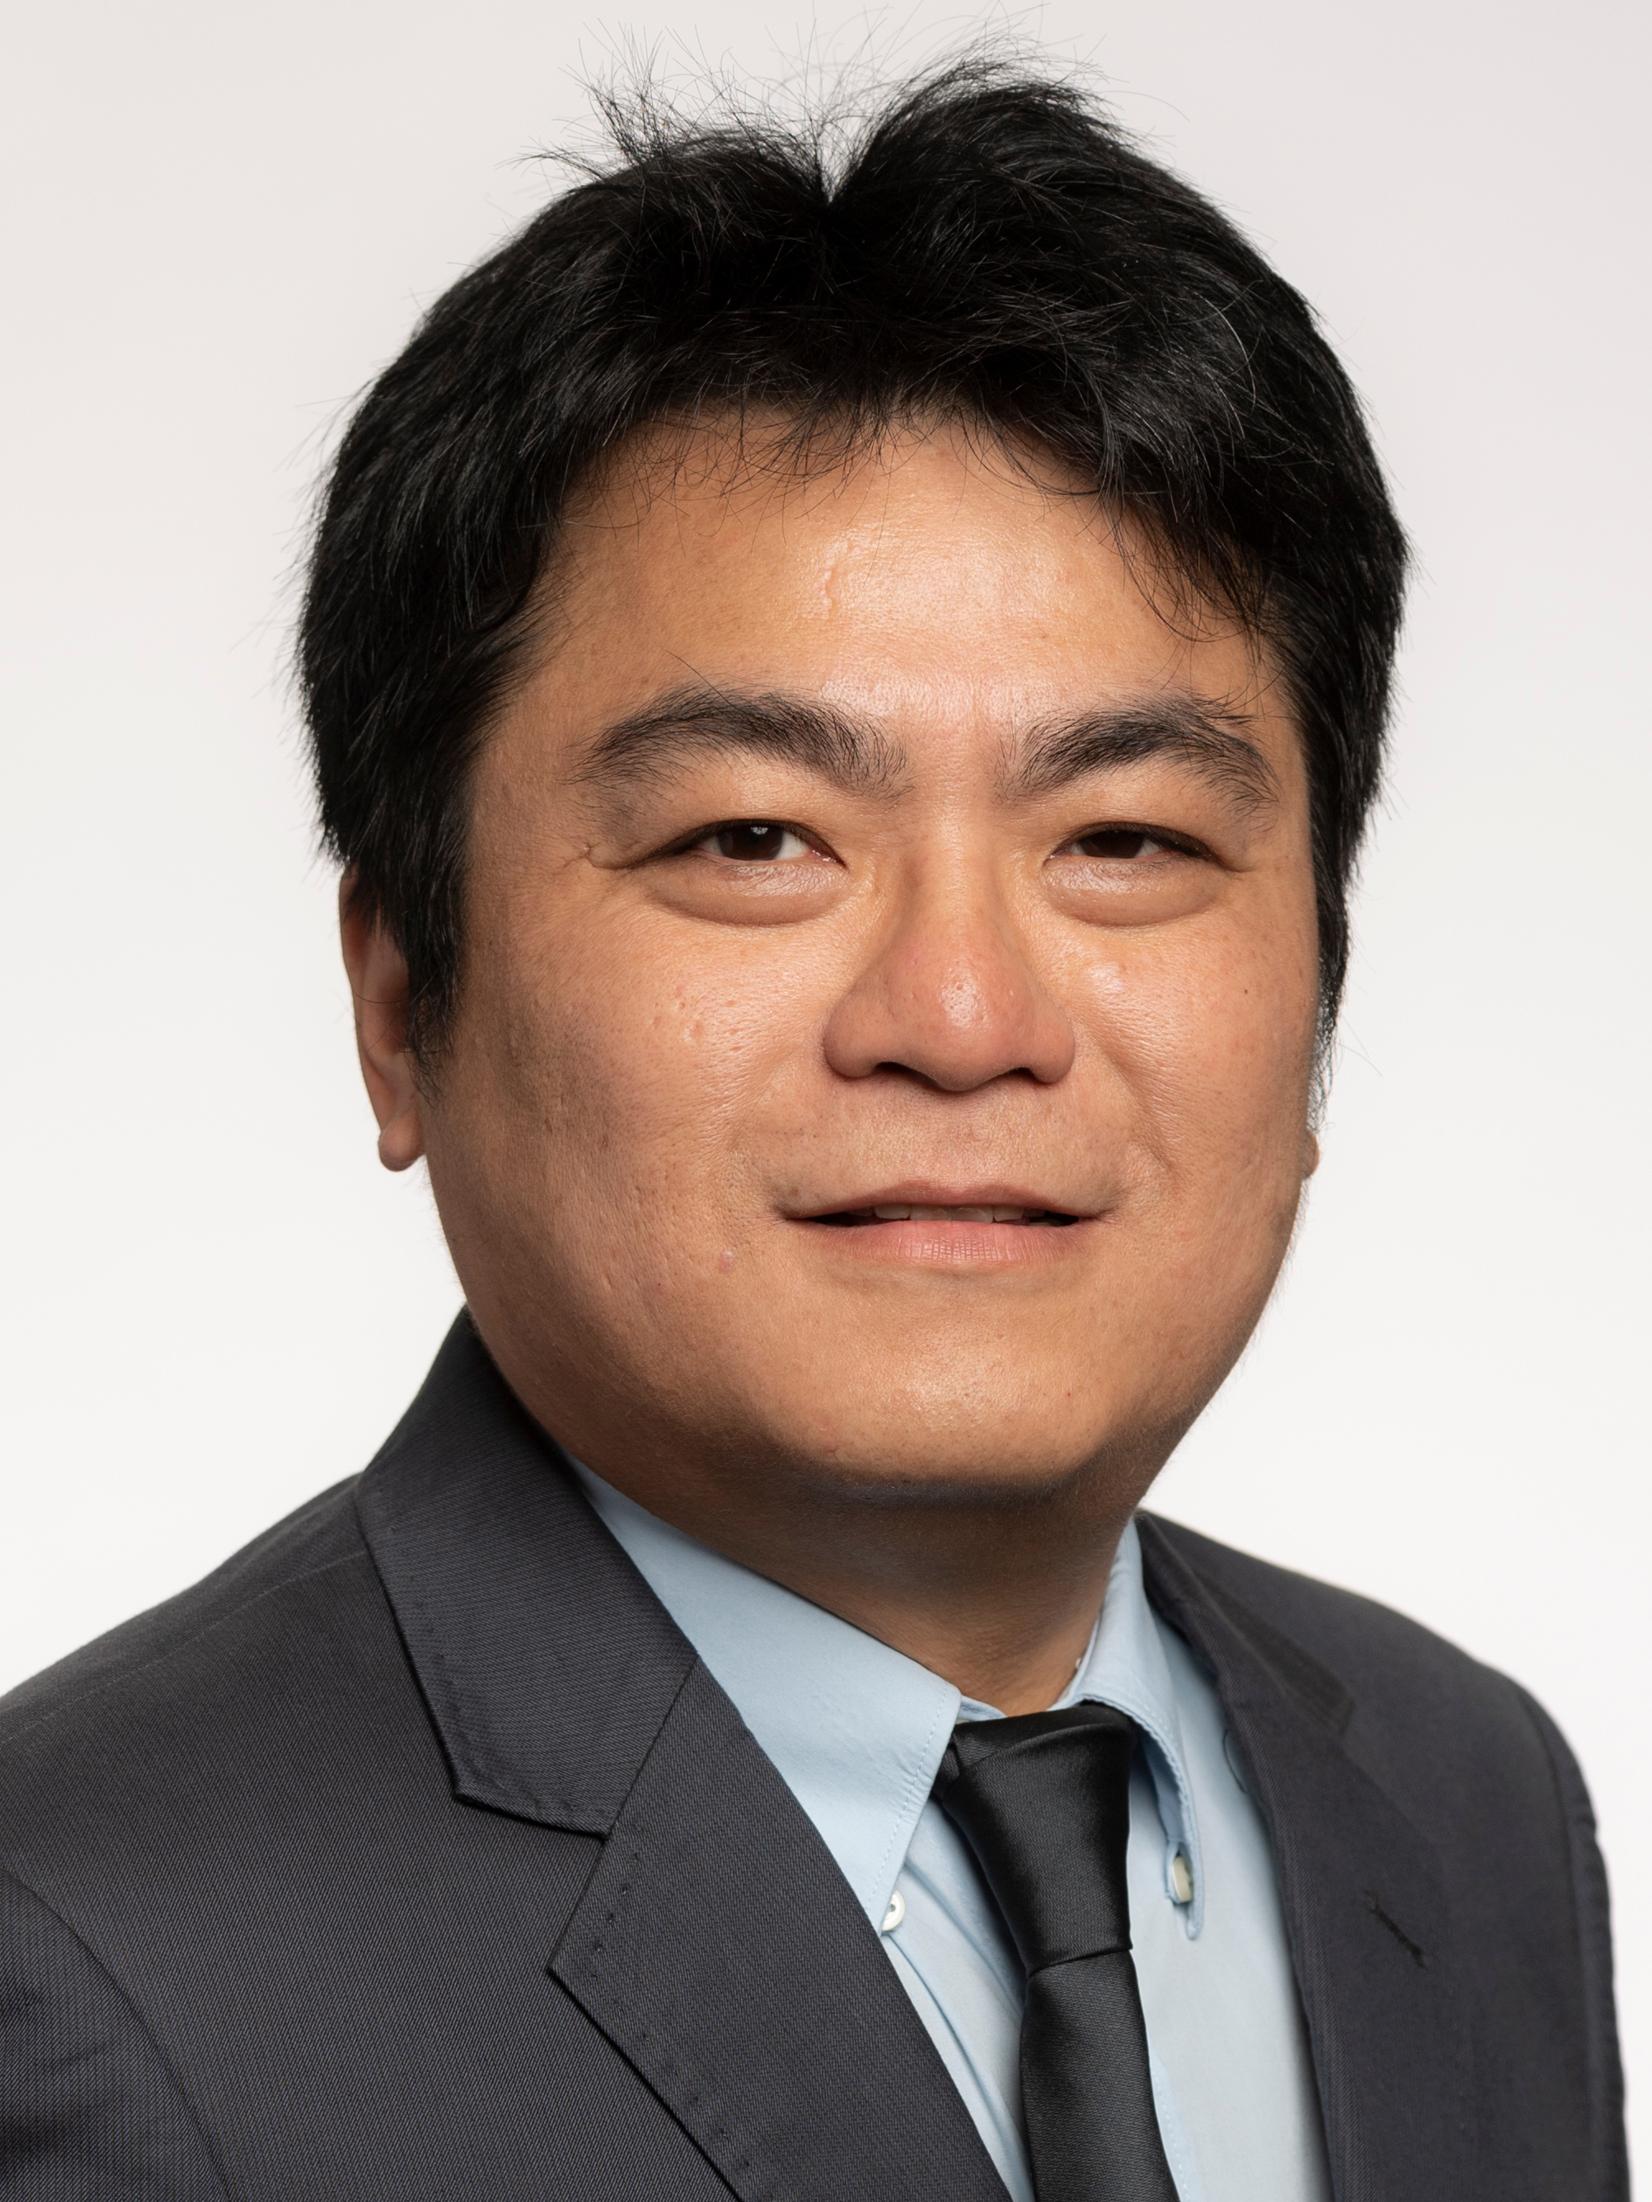 Frank Zheng